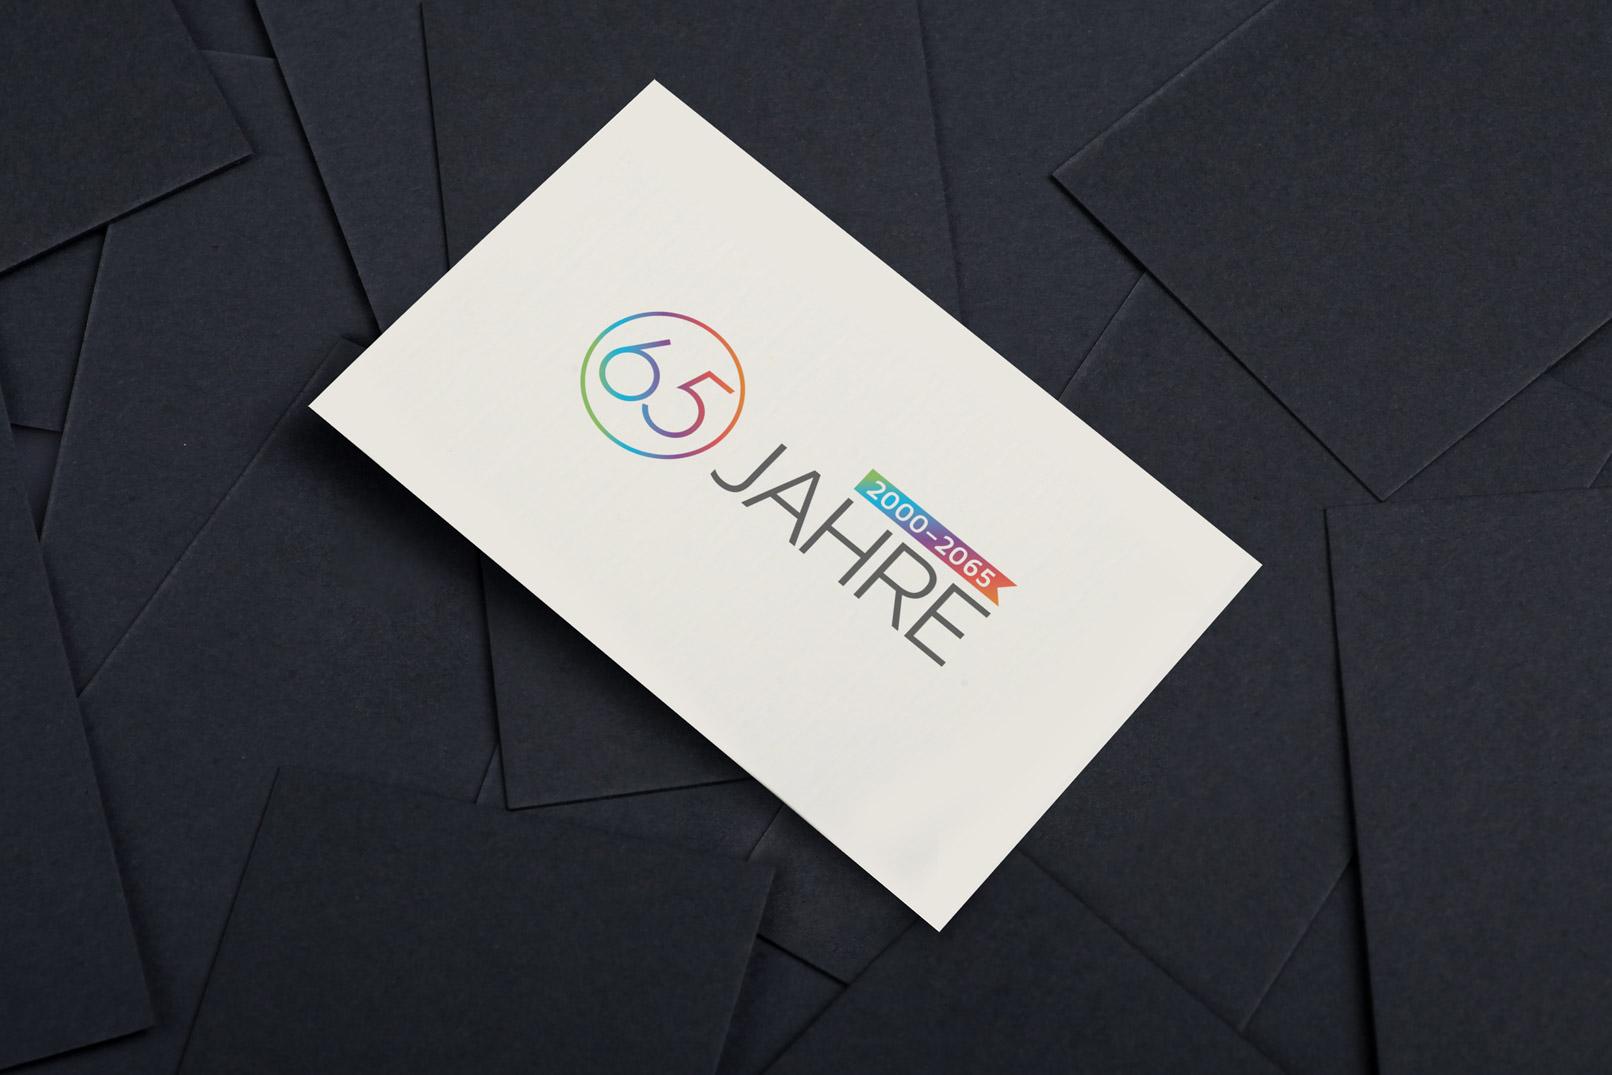 Schöne und bunte Zahlen-Designs, verwendet für eine Einladungskarte